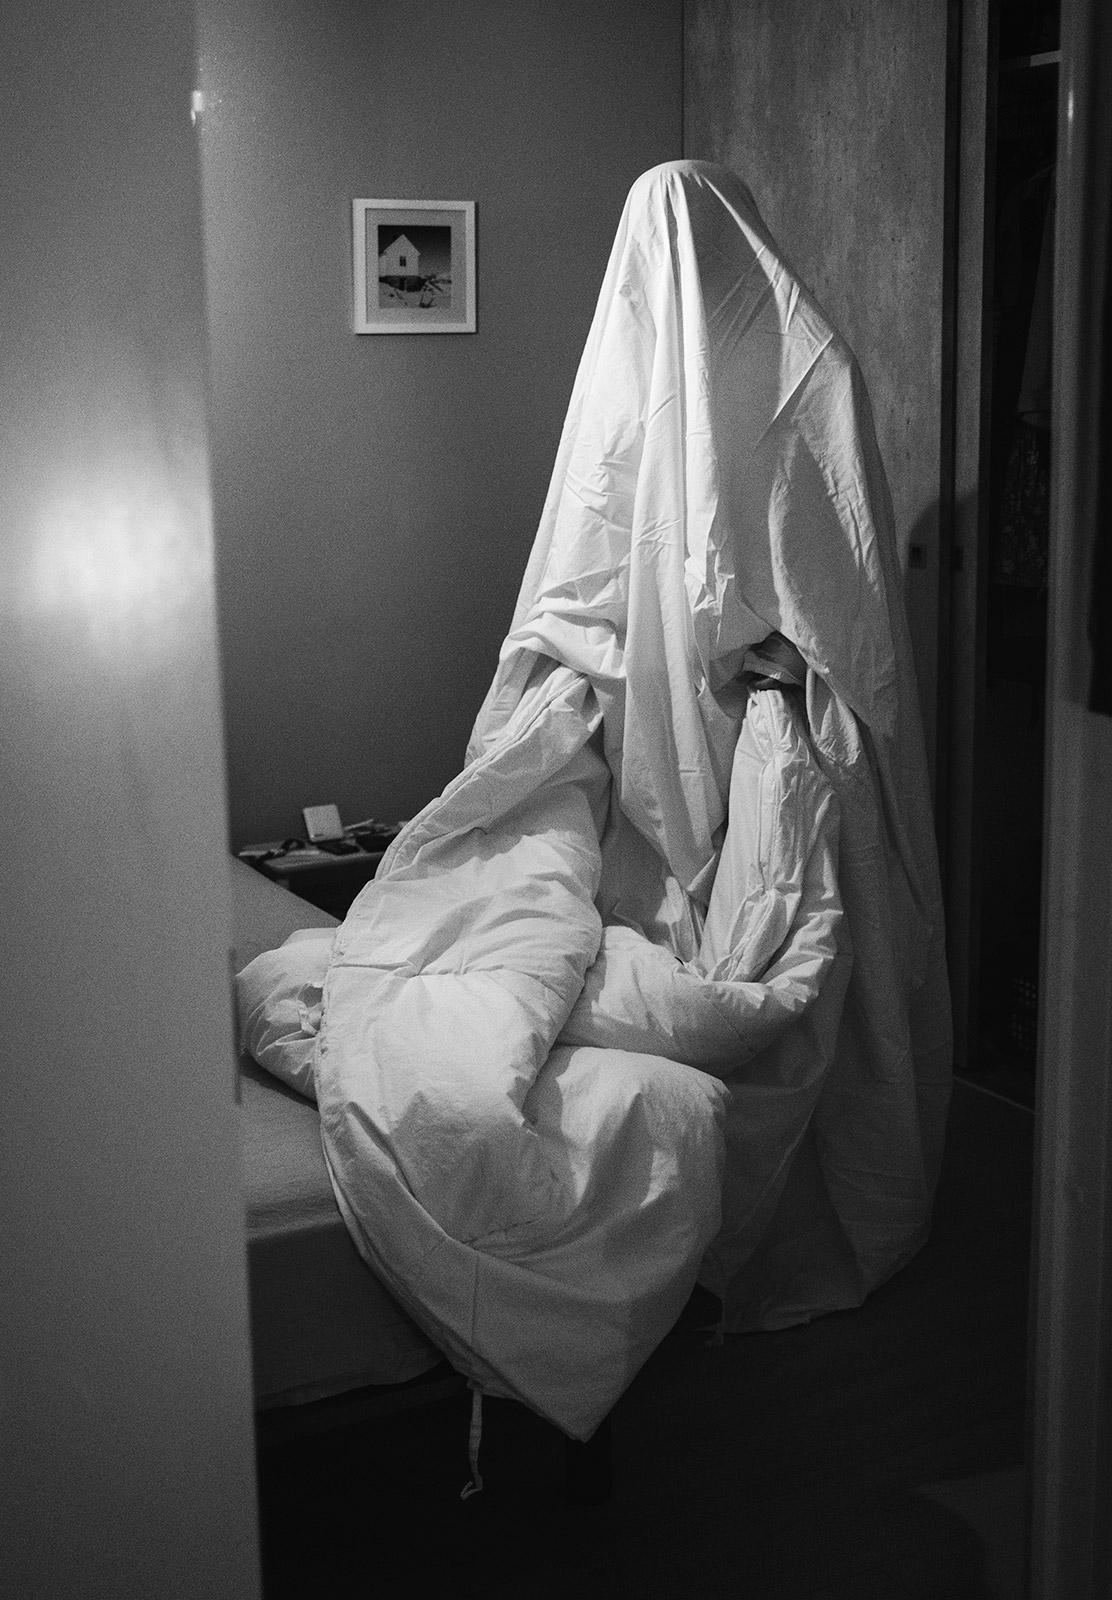 Man under sheet